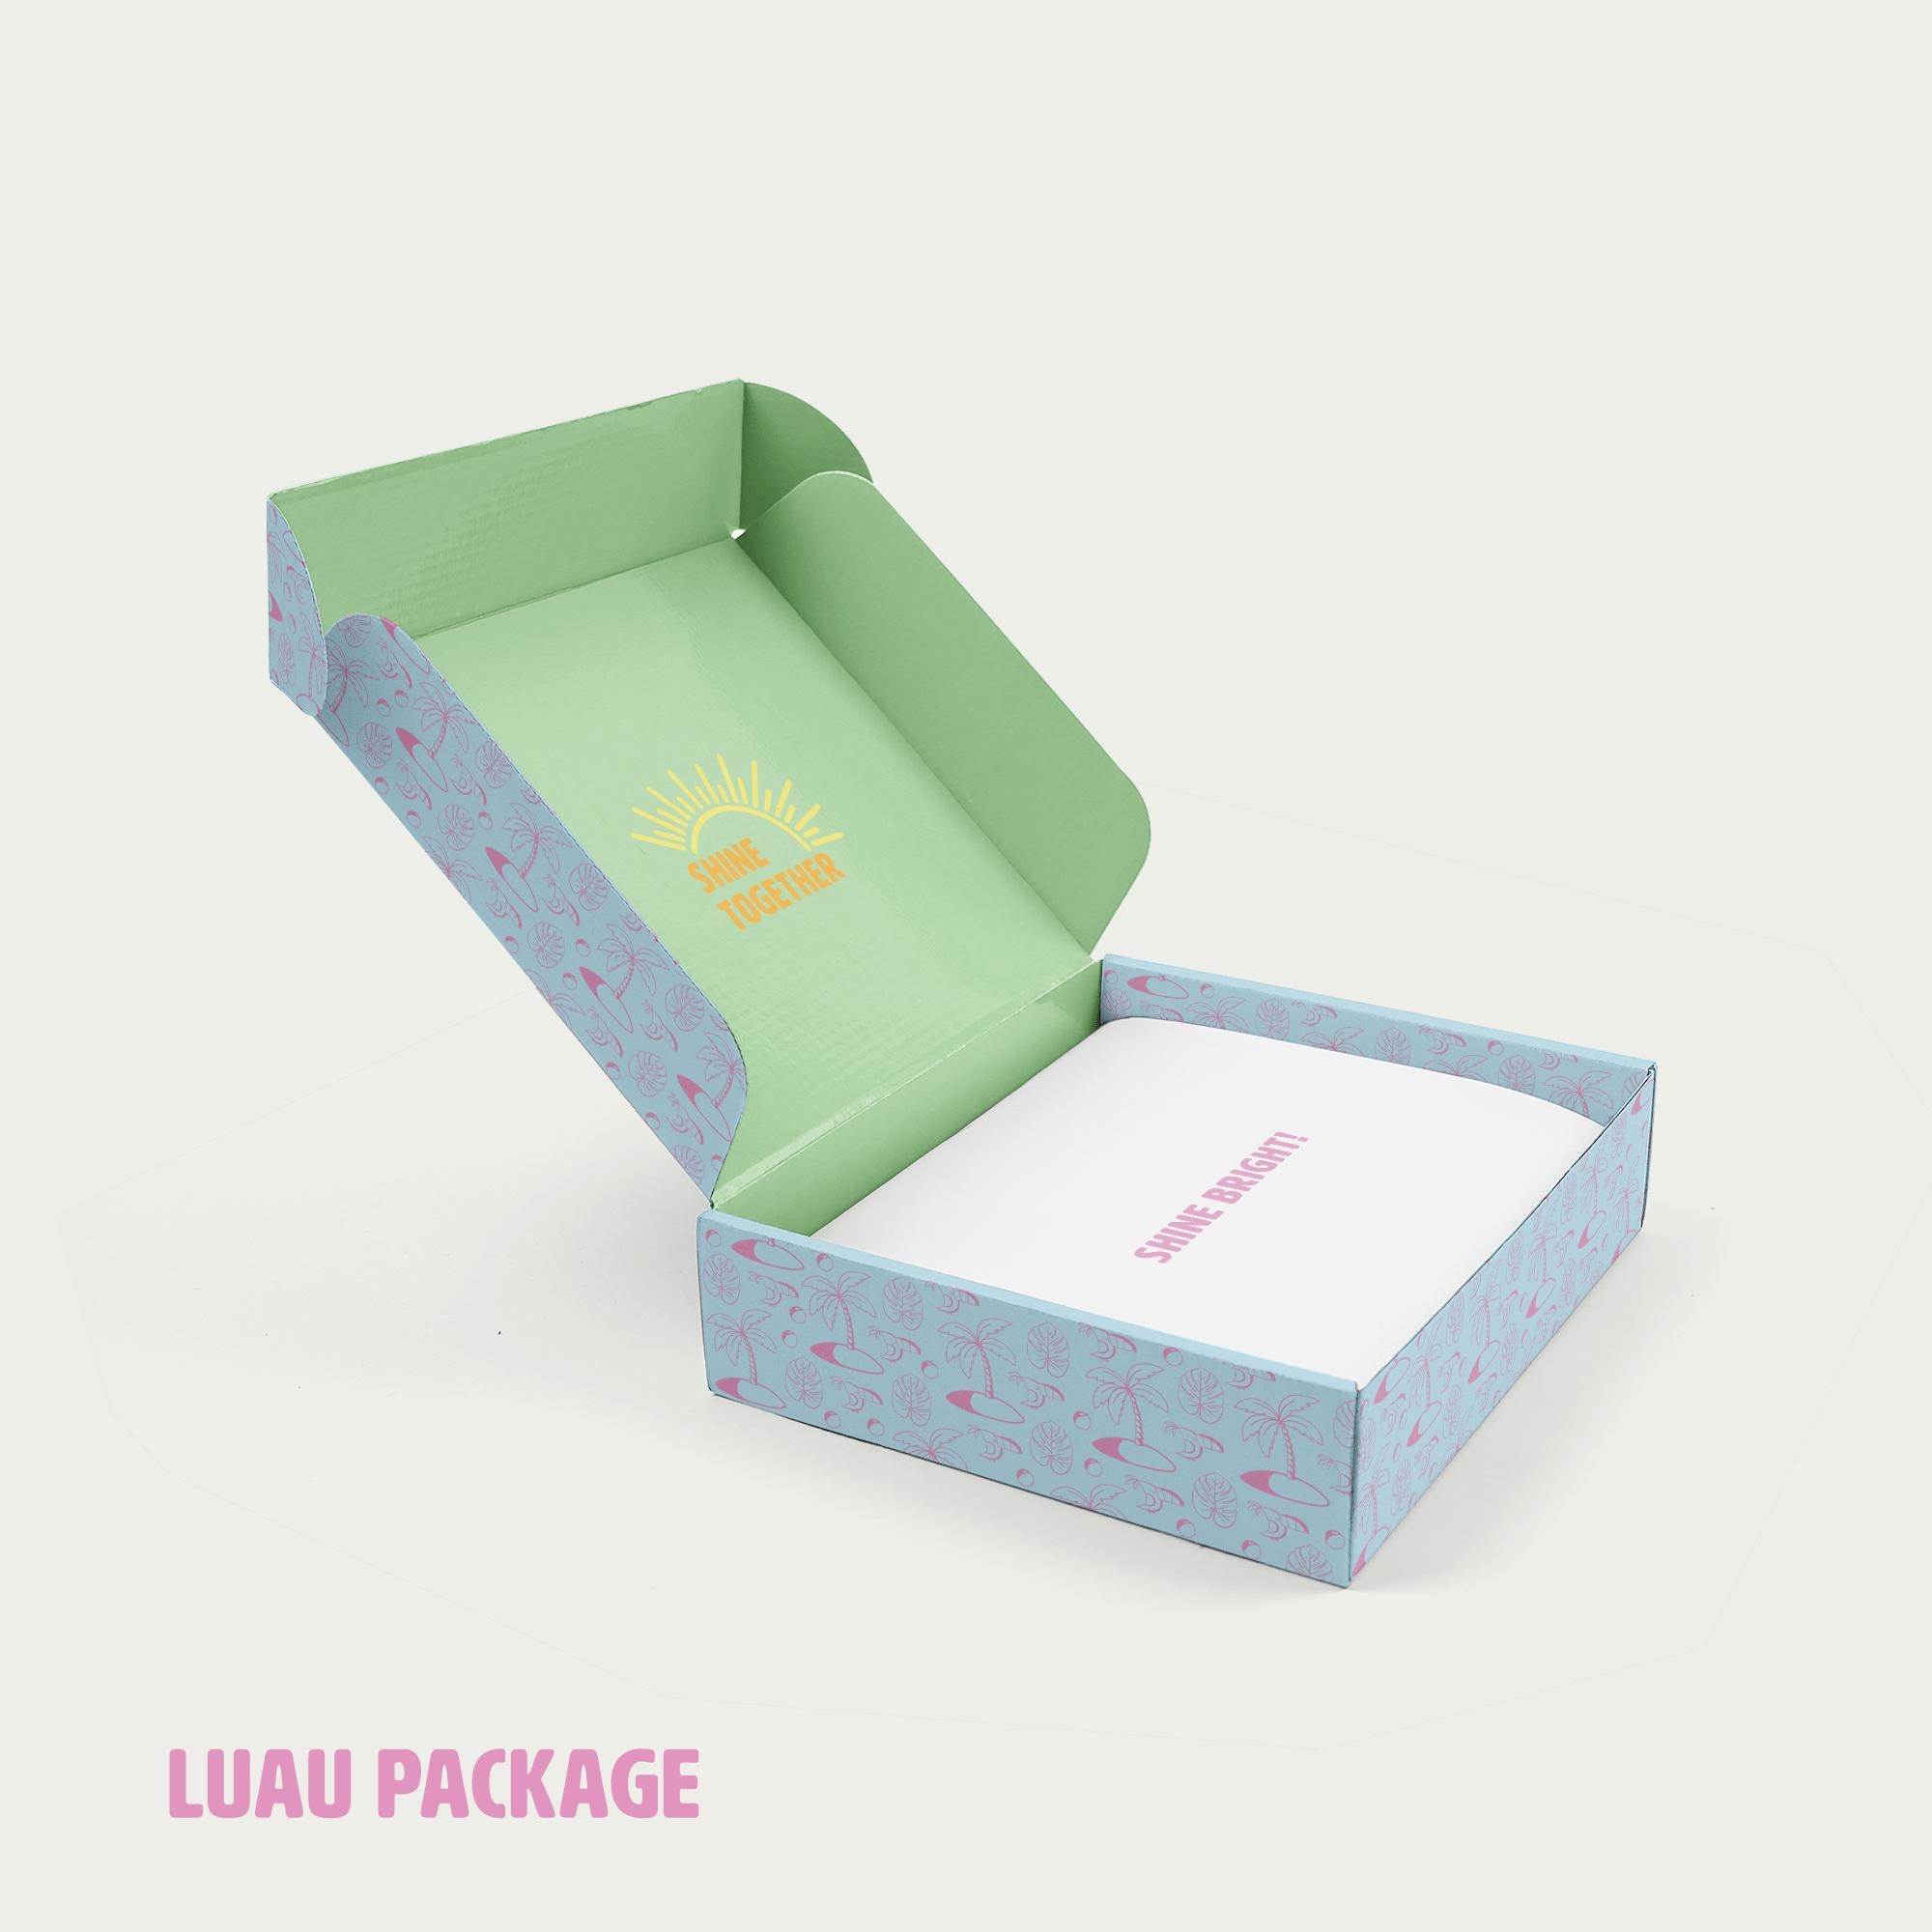 luau box with words